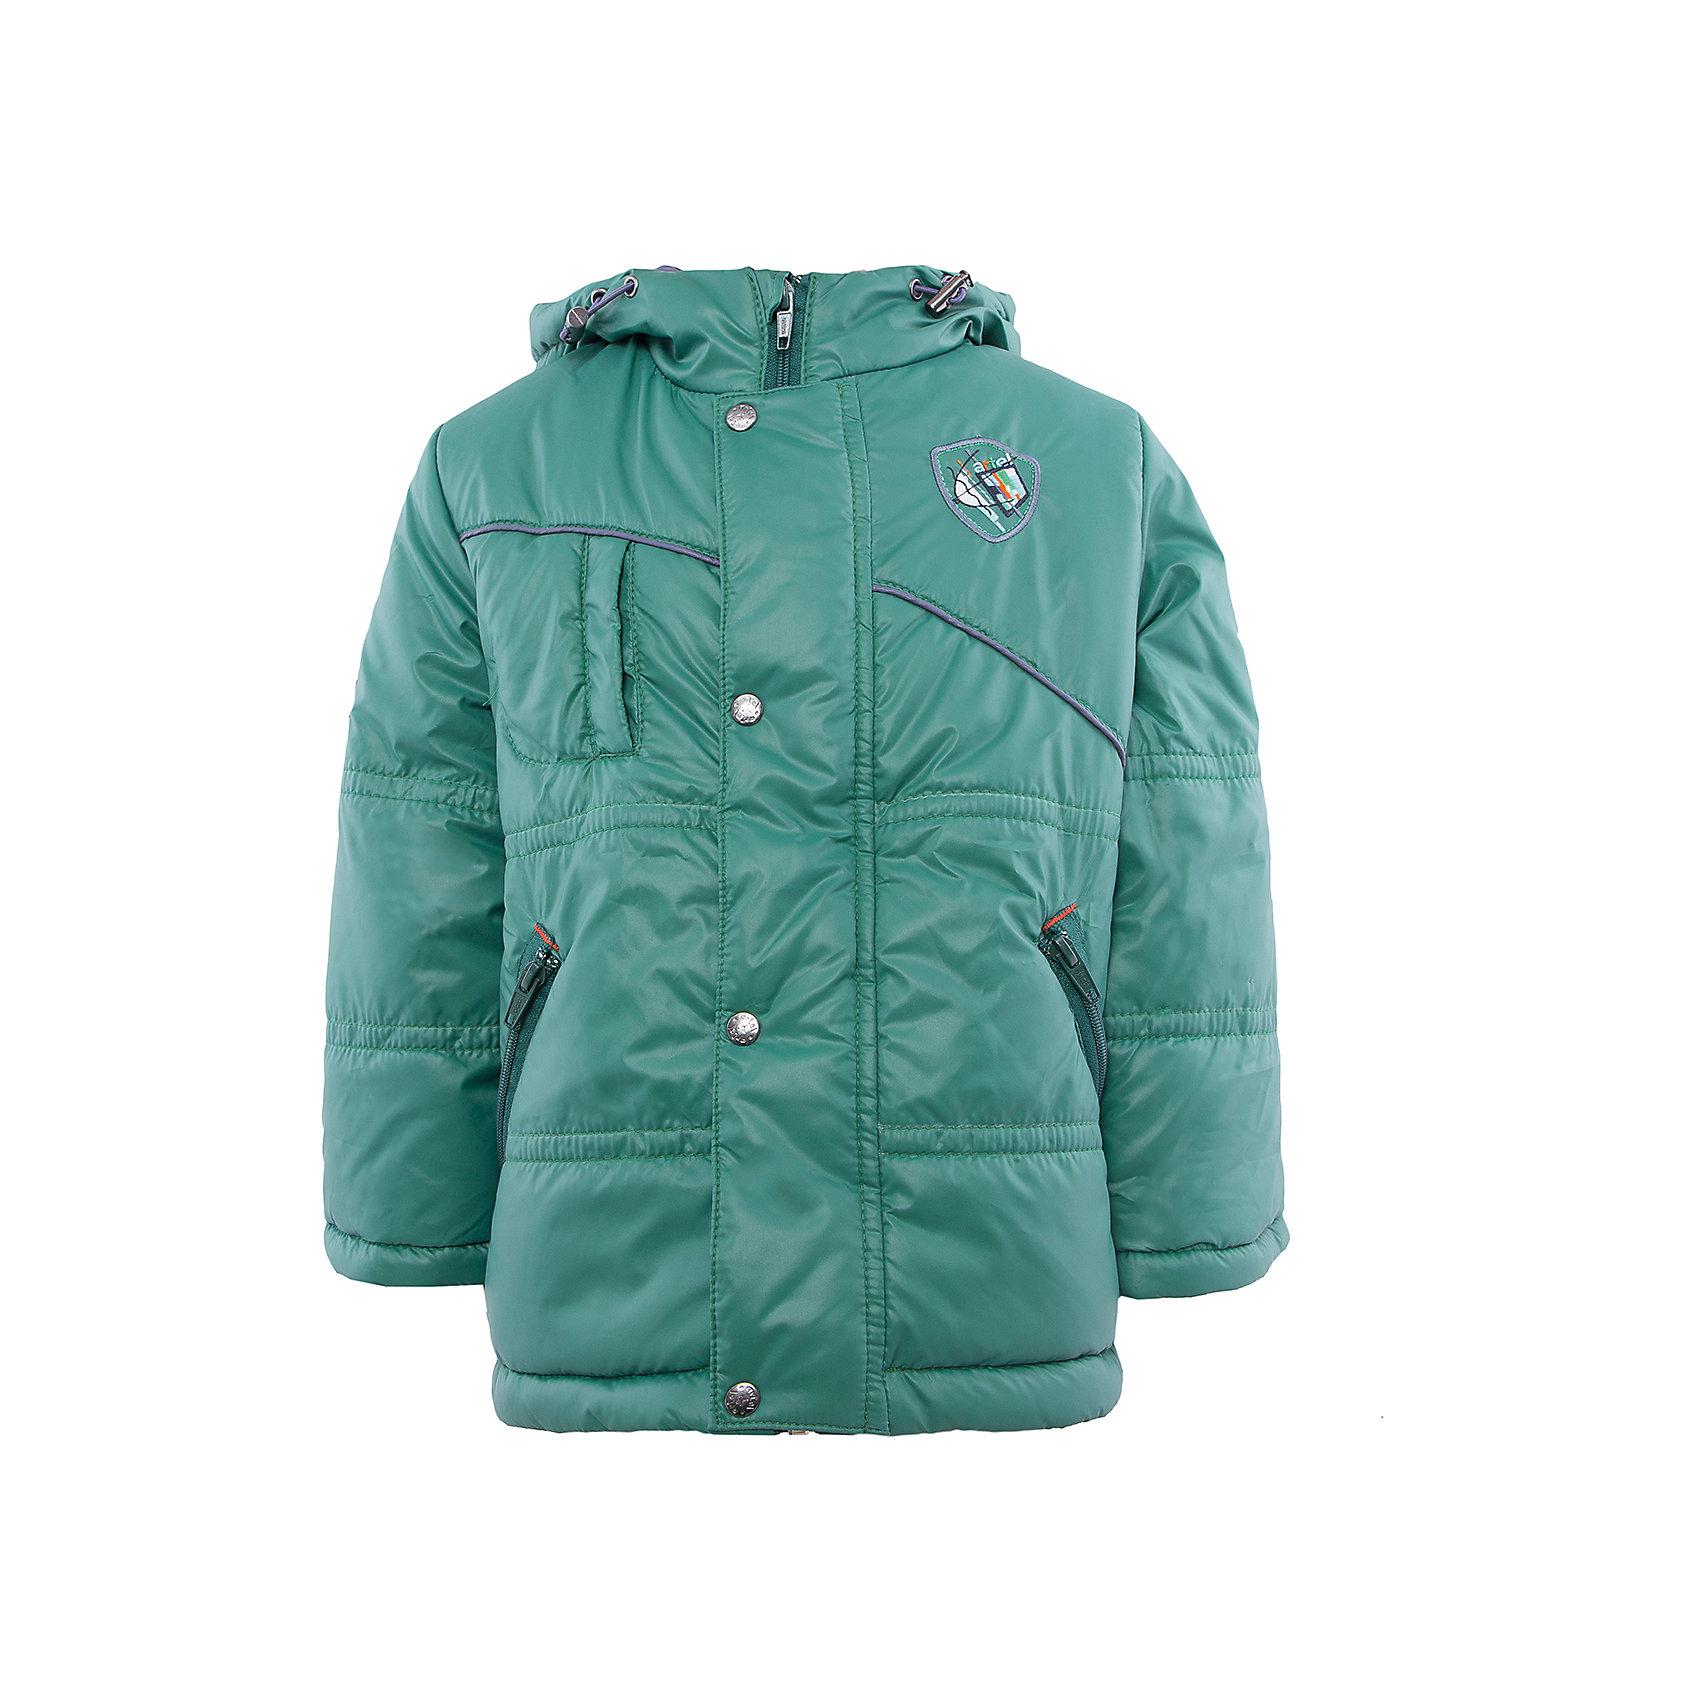 Куртка для мальчика АртельКуртка для мальчика от известного бренда Артель<br>Куртка прямого силуэта. Капюшон втачной с регулируемой кулиской. Манжета рукава отворотная, регулируется по длине. Но низу куртка собирается на резинку- кулиску.<br>Состав:<br>Верх: 819 YSD<br>Подкладка: интерлок,тиси<br>Утеплитель: термофайбер 200гр<br><br>Ширина мм: 356<br>Глубина мм: 10<br>Высота мм: 245<br>Вес г: 519<br>Цвет: зеленый<br>Возраст от месяцев: 24<br>Возраст до месяцев: 36<br>Пол: Мужской<br>Возраст: Детский<br>Размер: 98,122,116,110,104<br>SKU: 4963596